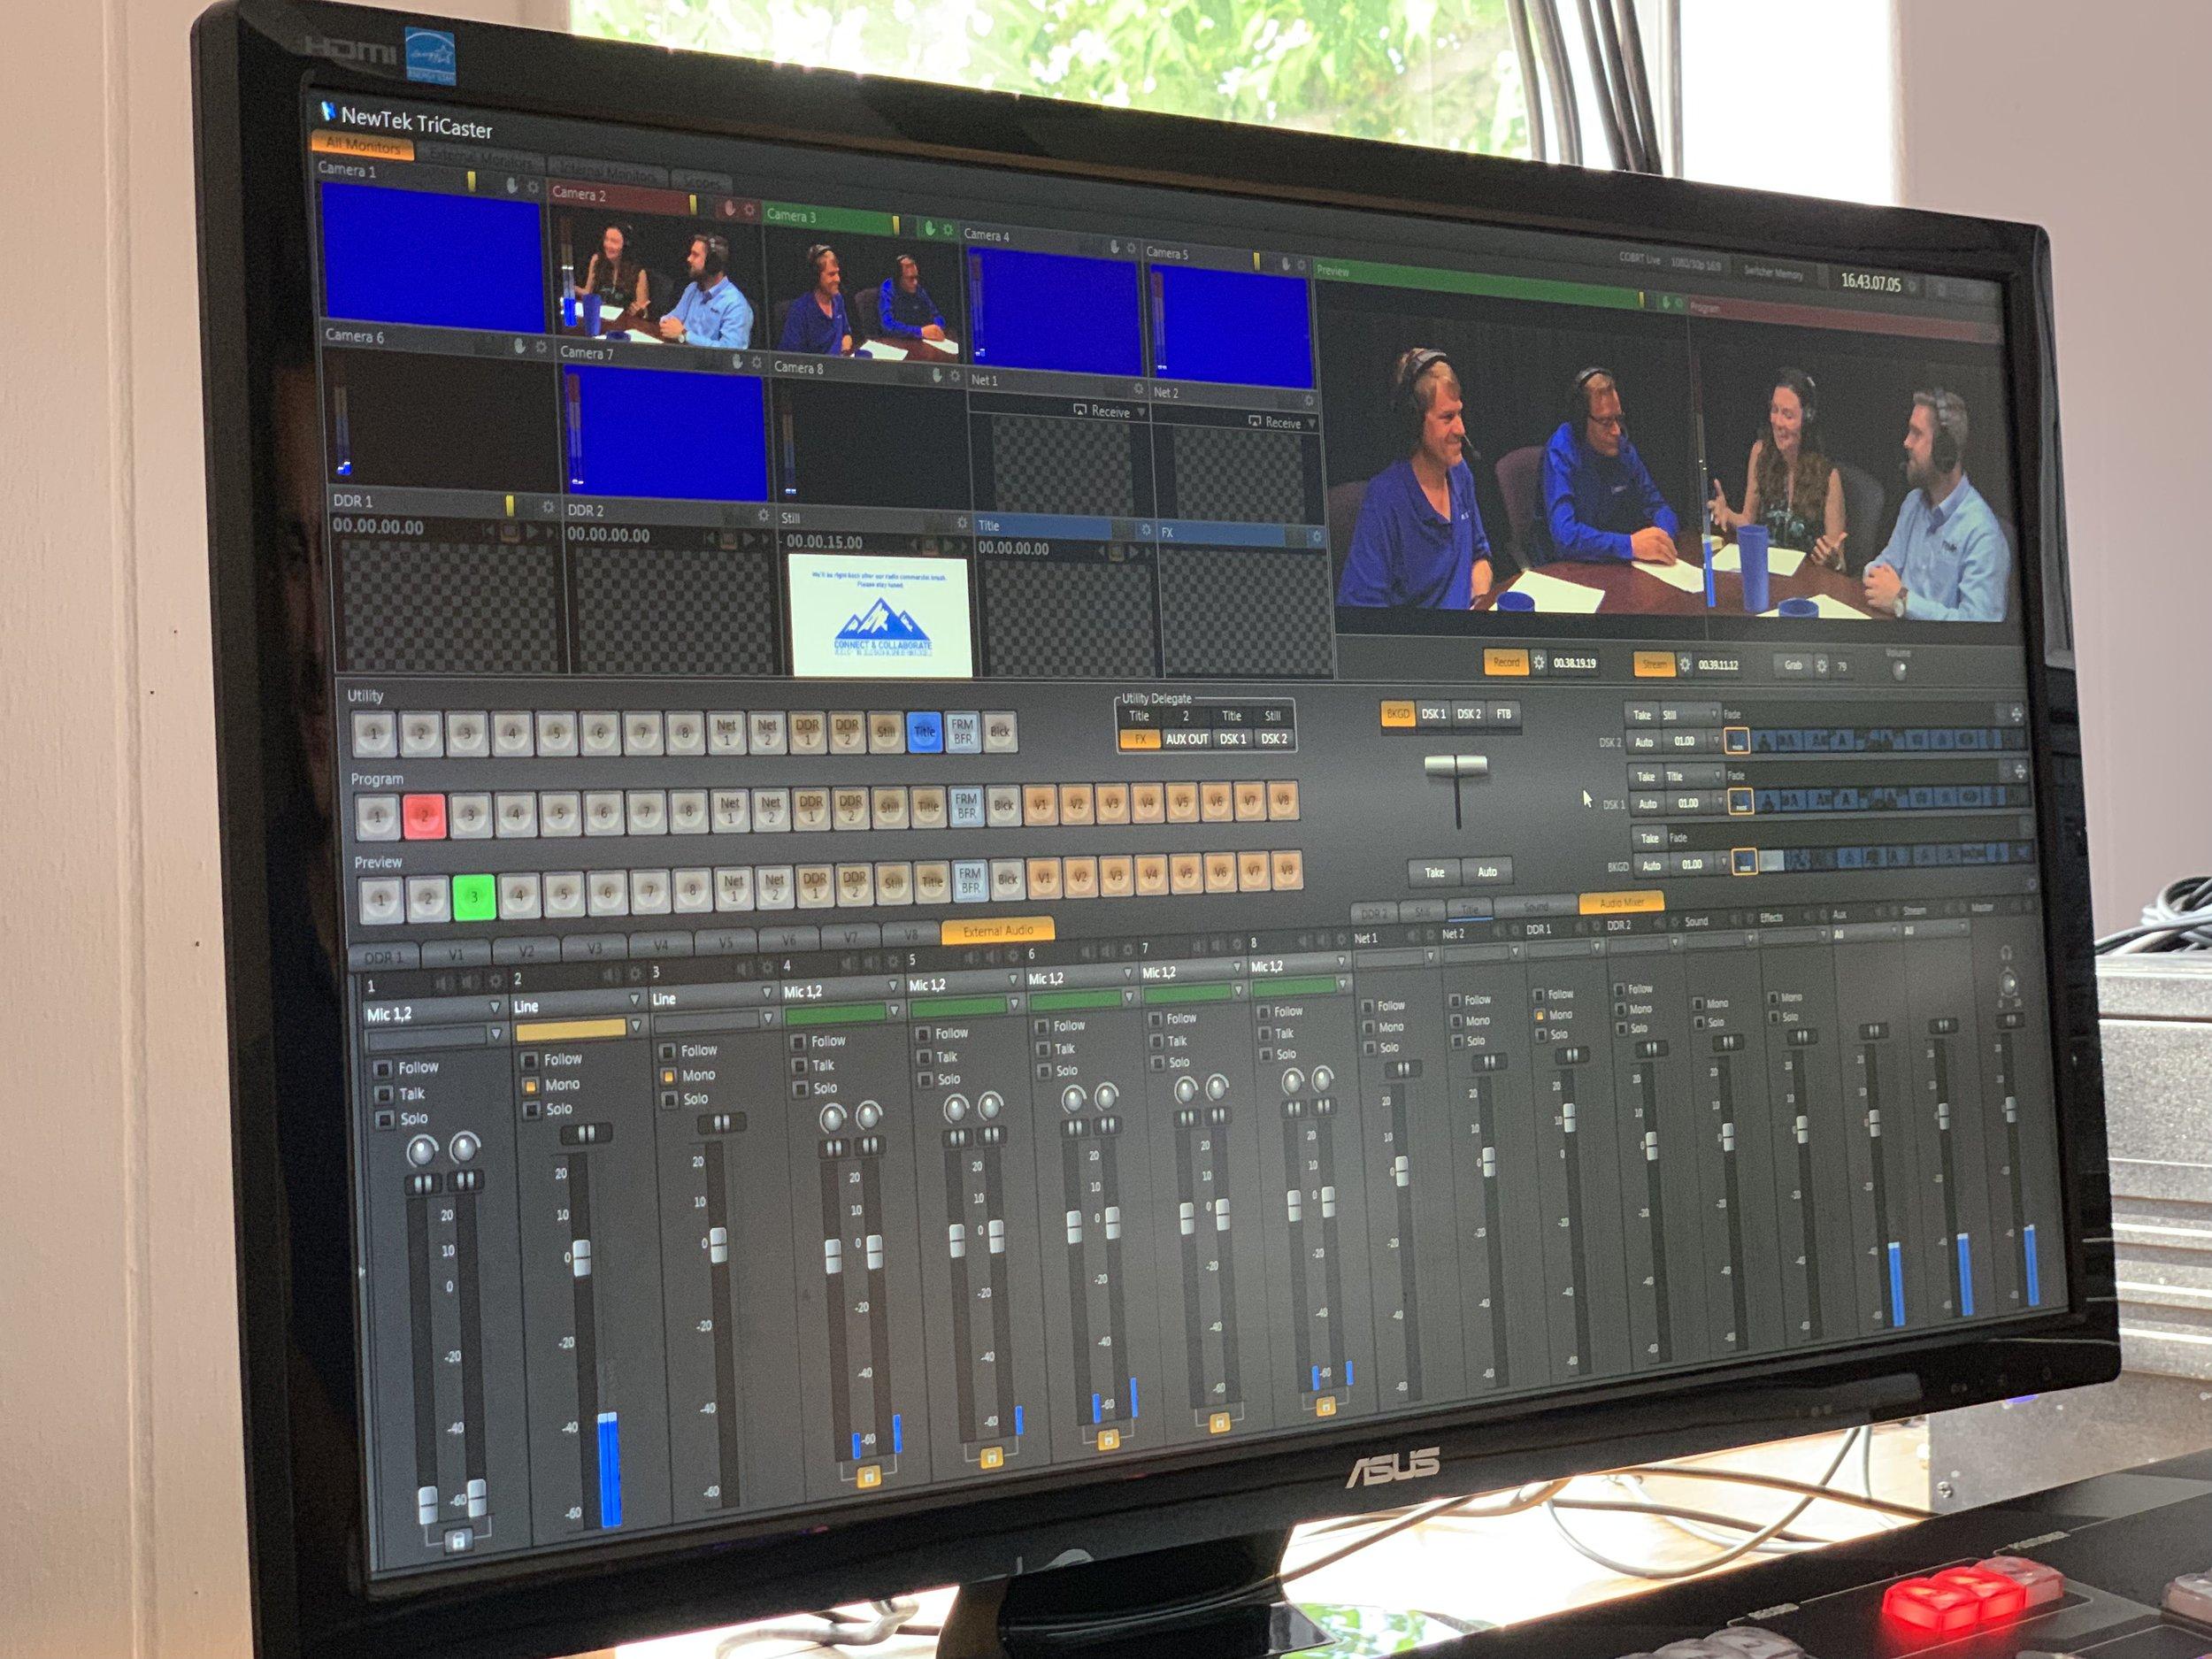 monitor full.jpg